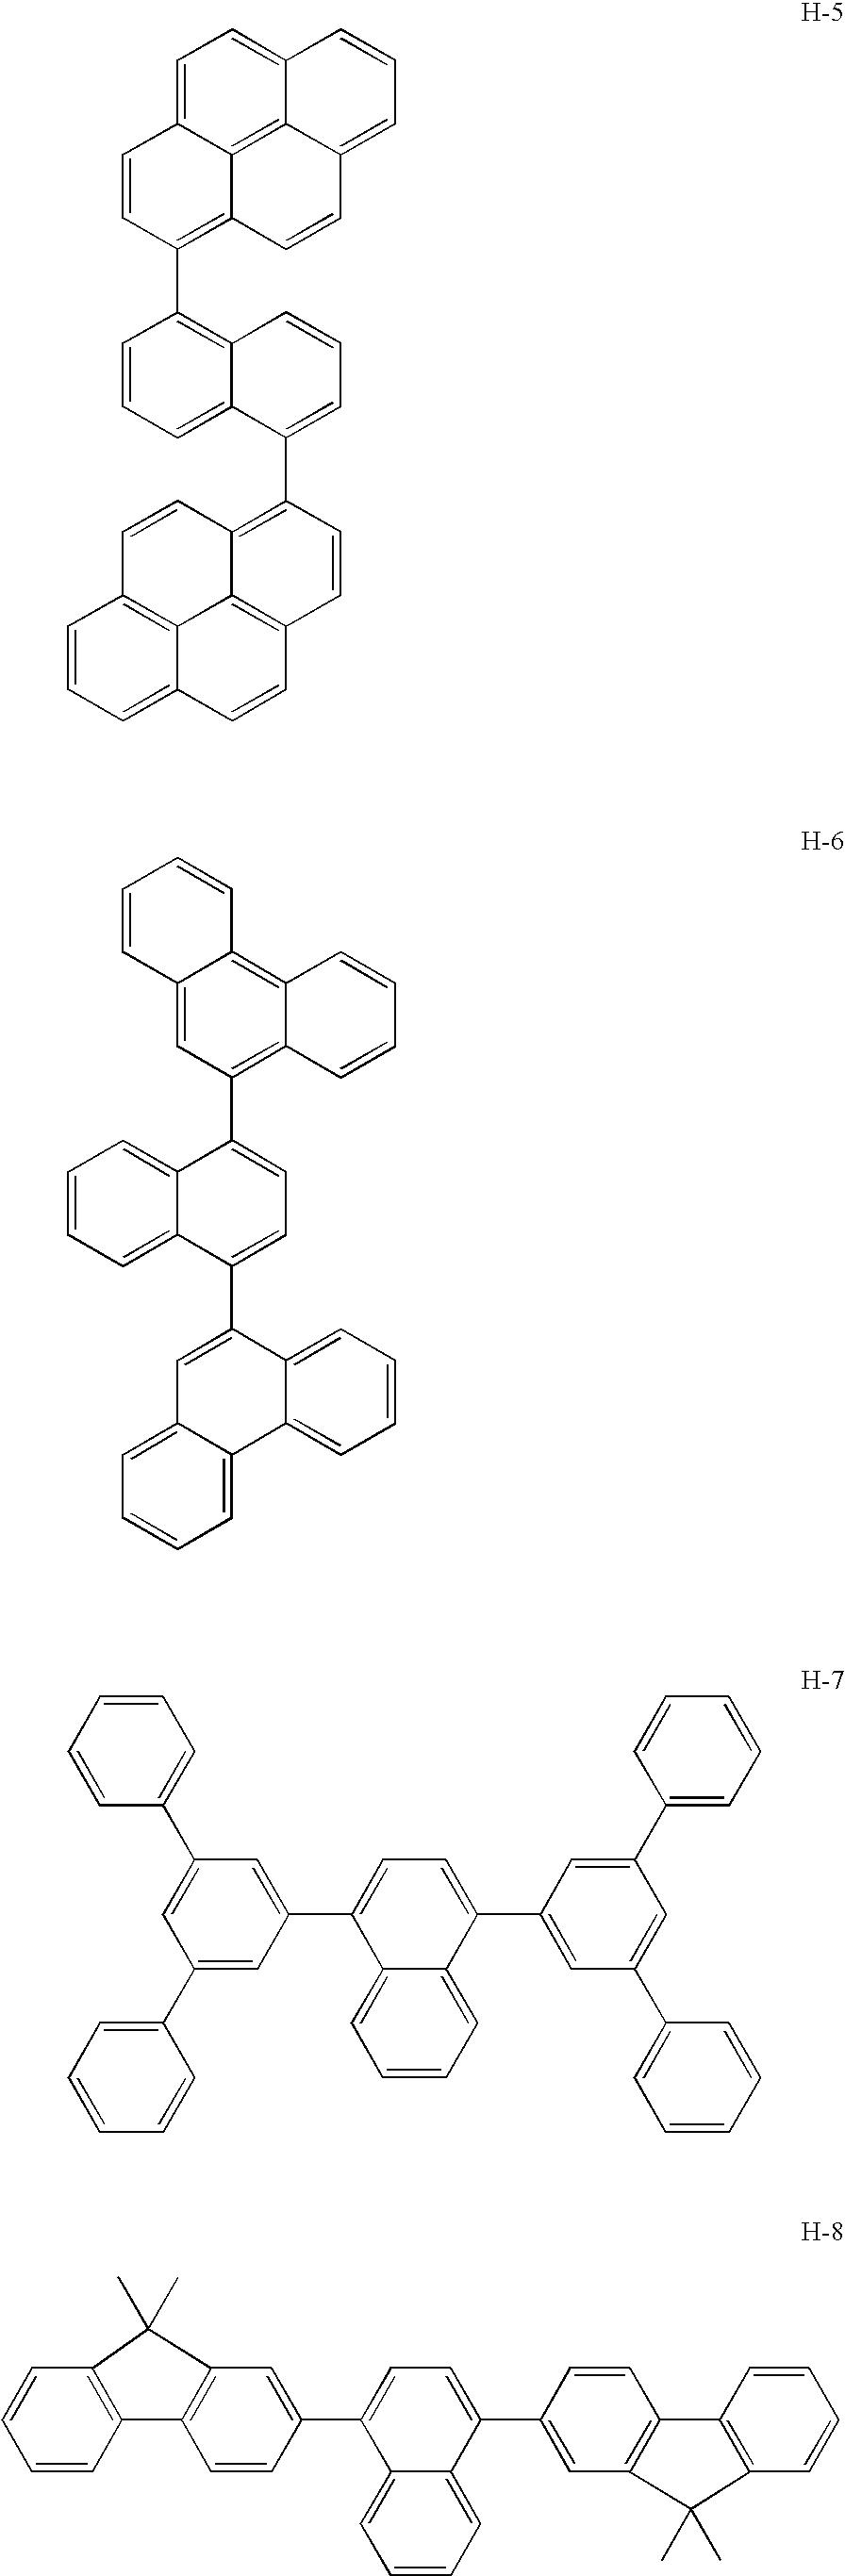 Figure US07651788-20100126-C00005